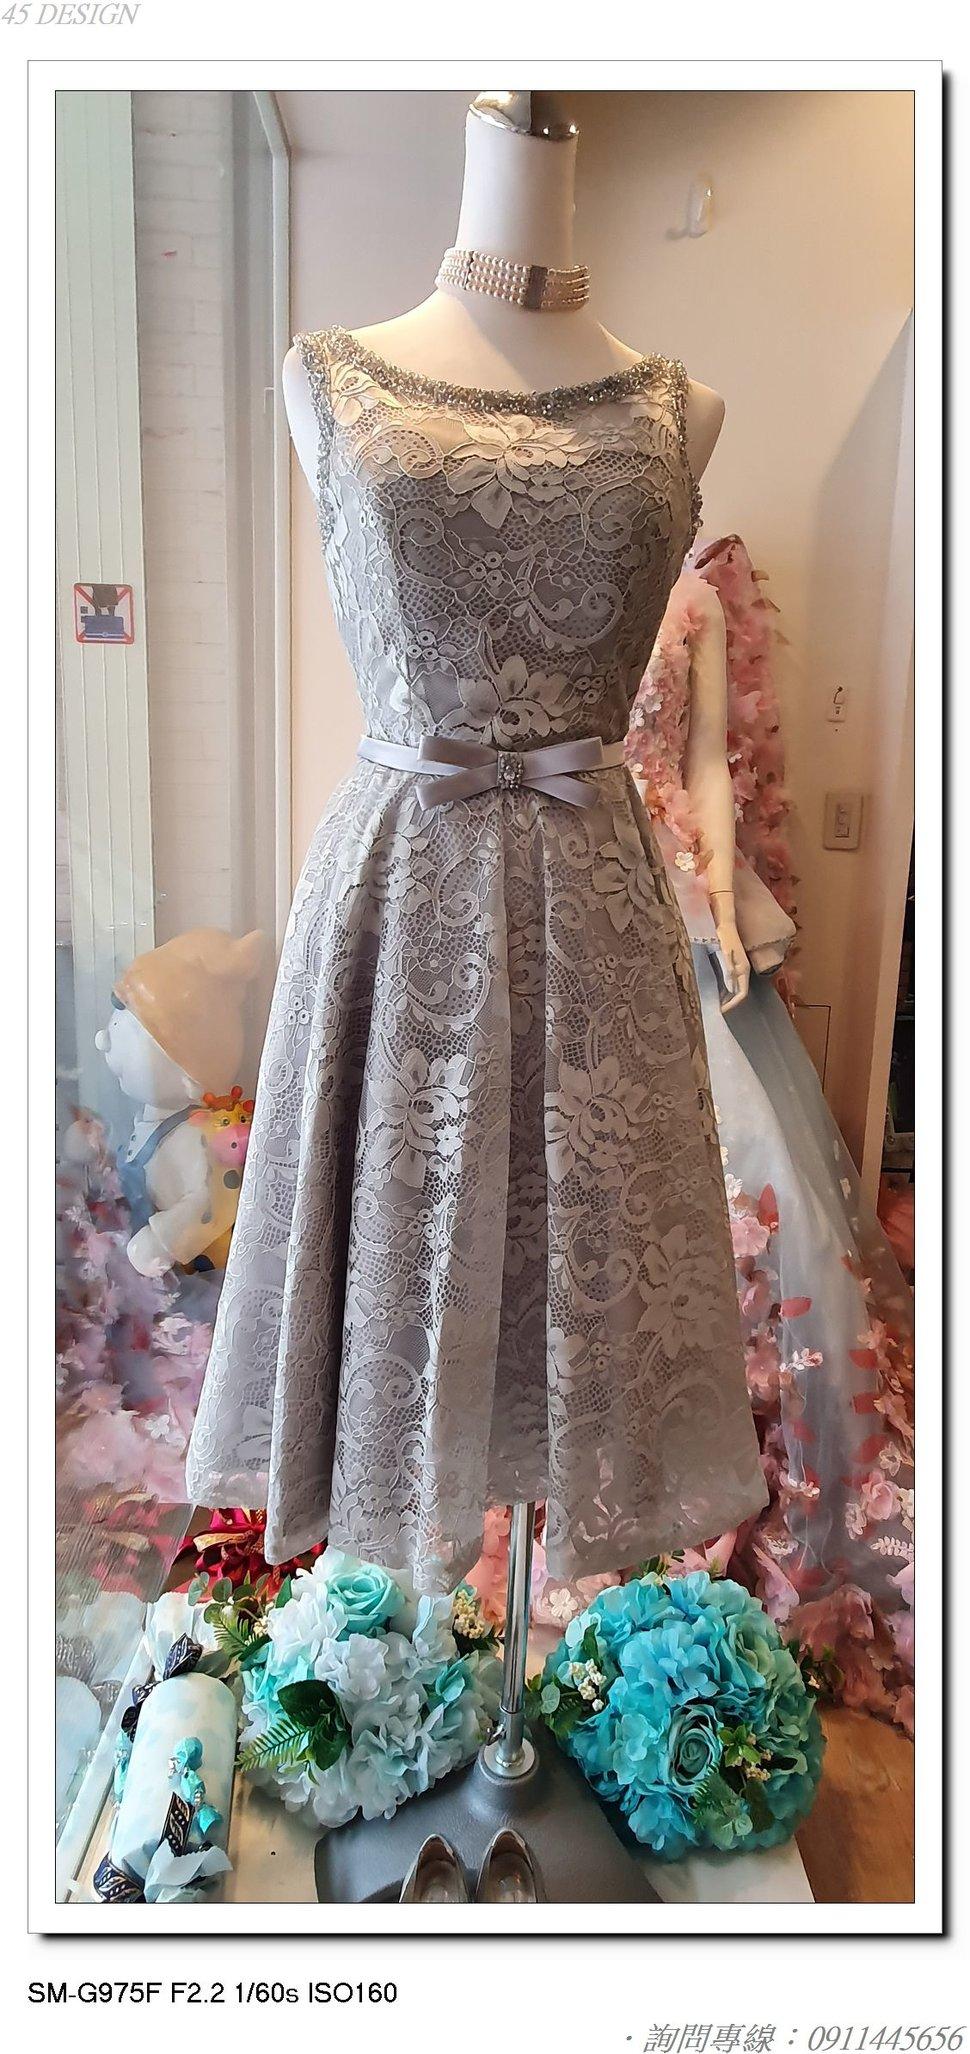 20200211_101648 - 全台最便宜-45DESIGN四五婚紗禮服《結婚吧》